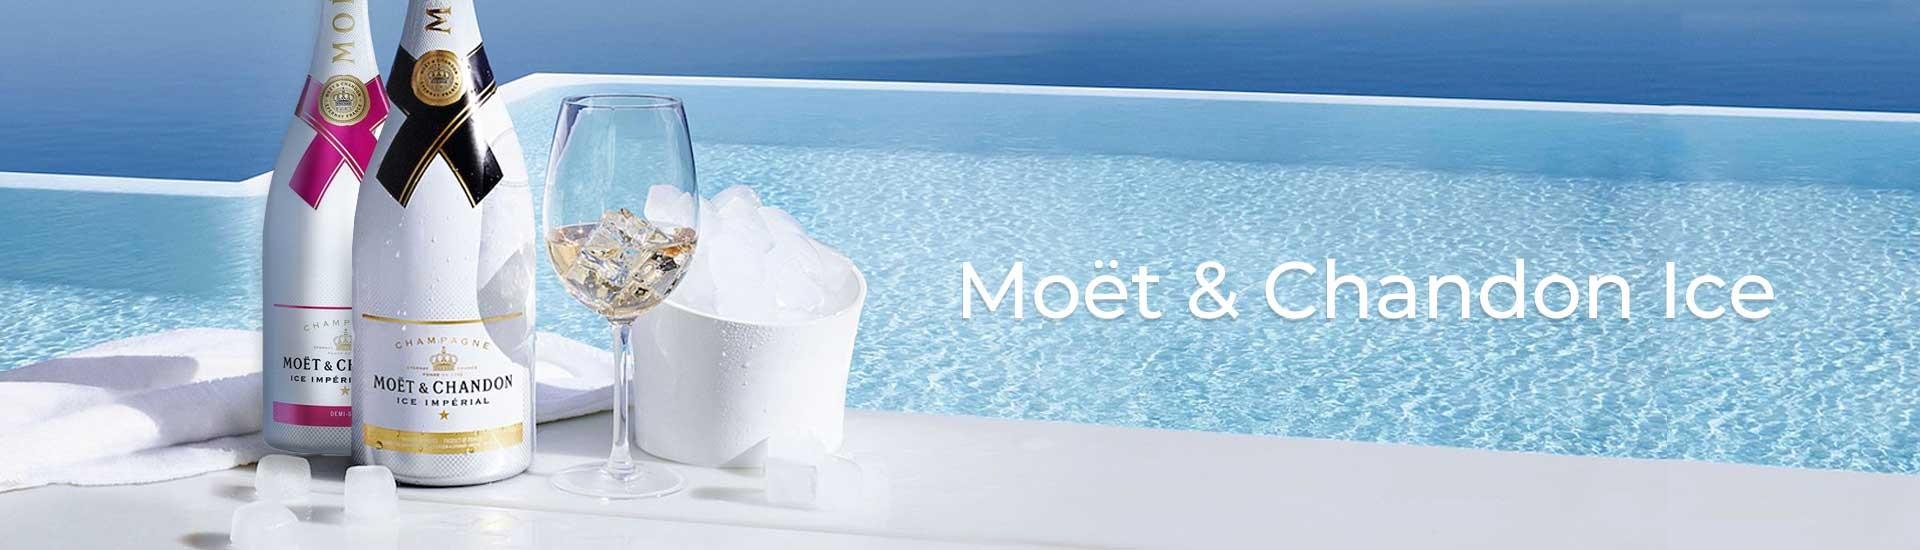 Moet Ice